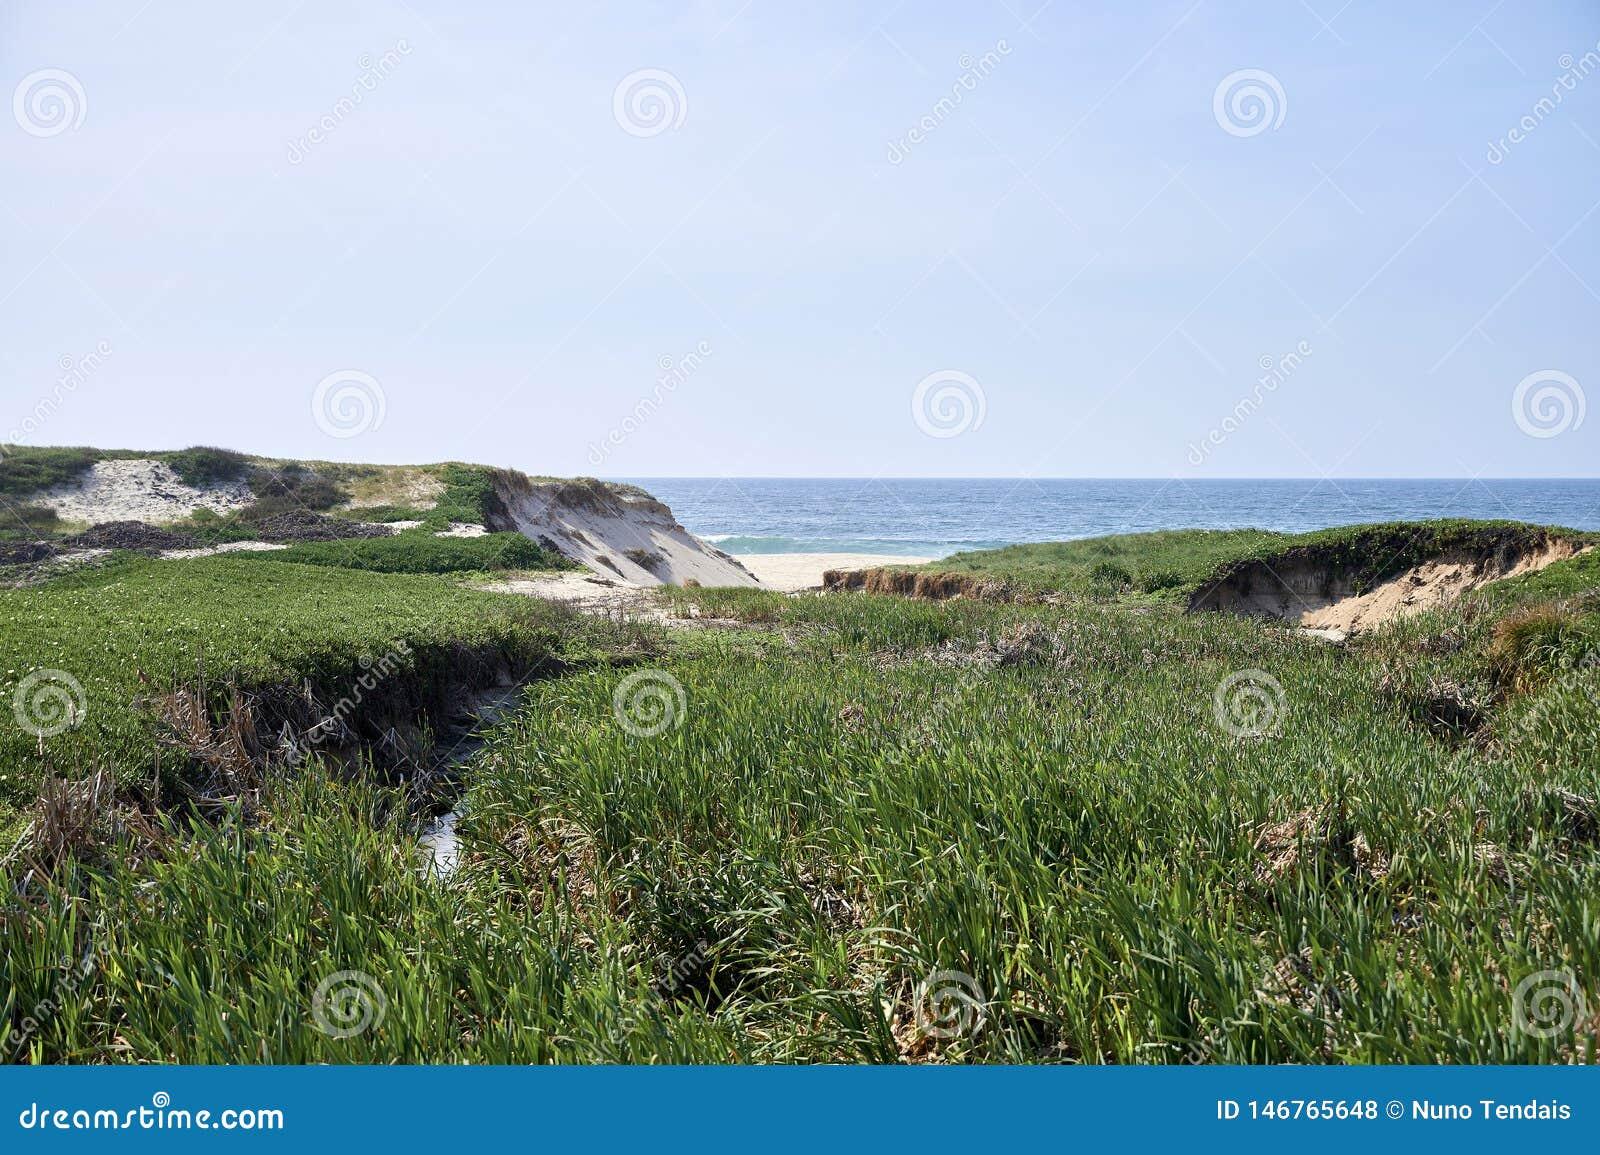 Vegeta??o verde sobre as dunas antes do oceano